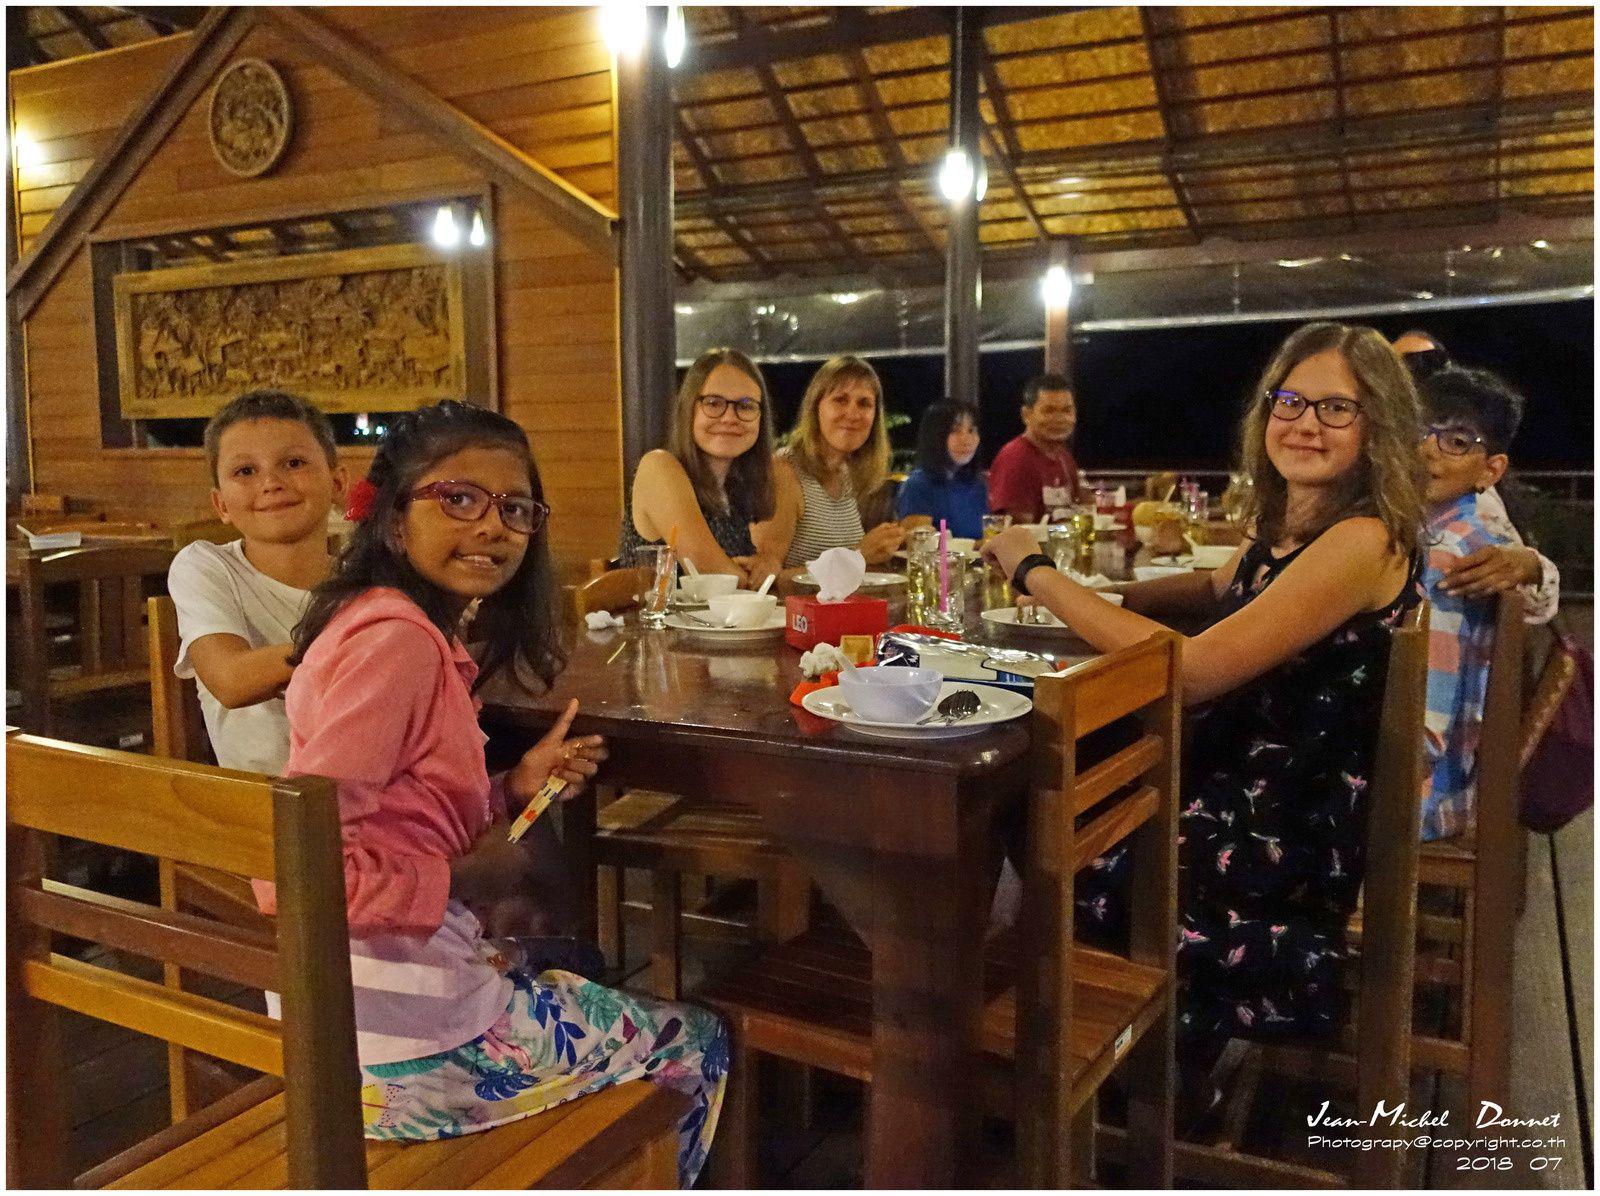 Soirée aux alentours du parc de Khao Yai (Thaïlande)